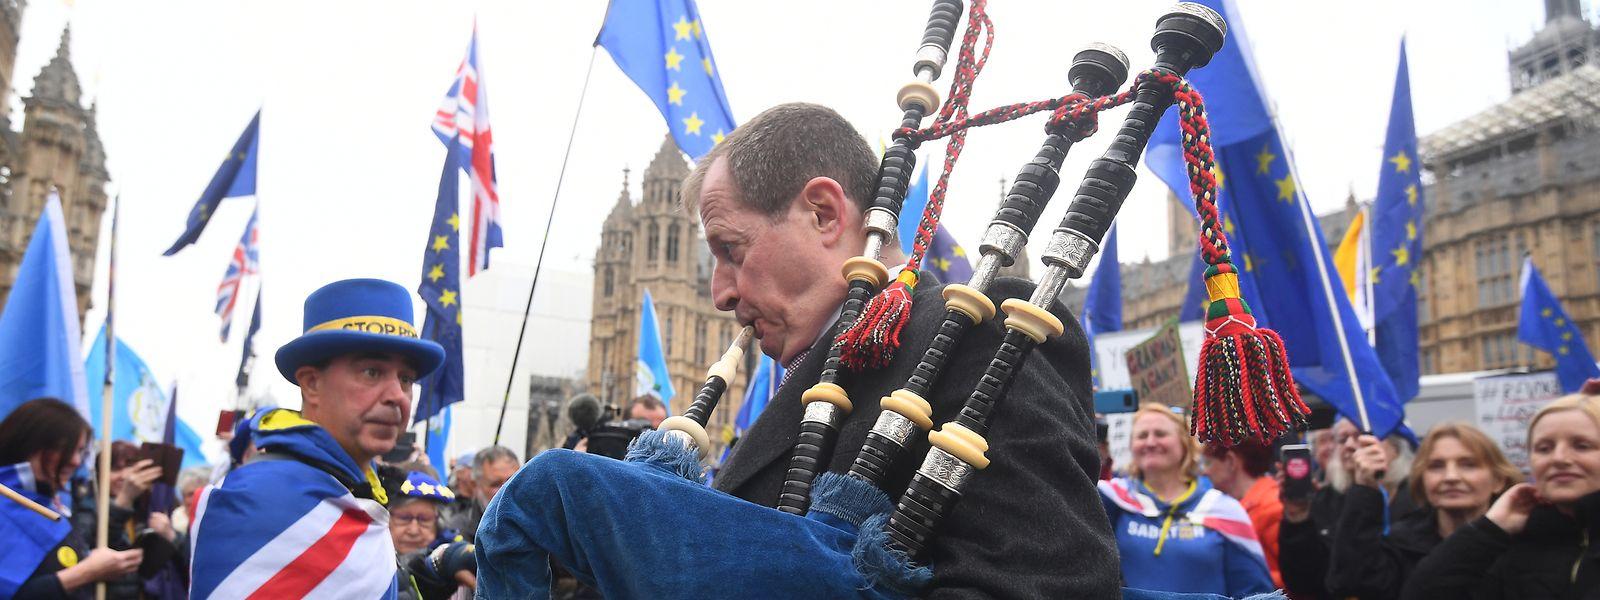 08.04.2019, Großbritannien, London: Alastair Campbell spielt während eines Protests vor dem britischen Parlament auf einem Dudelsack. Foto: Victoria Jones/PA Wire/dpa +++ dpa-Bildfunk +++